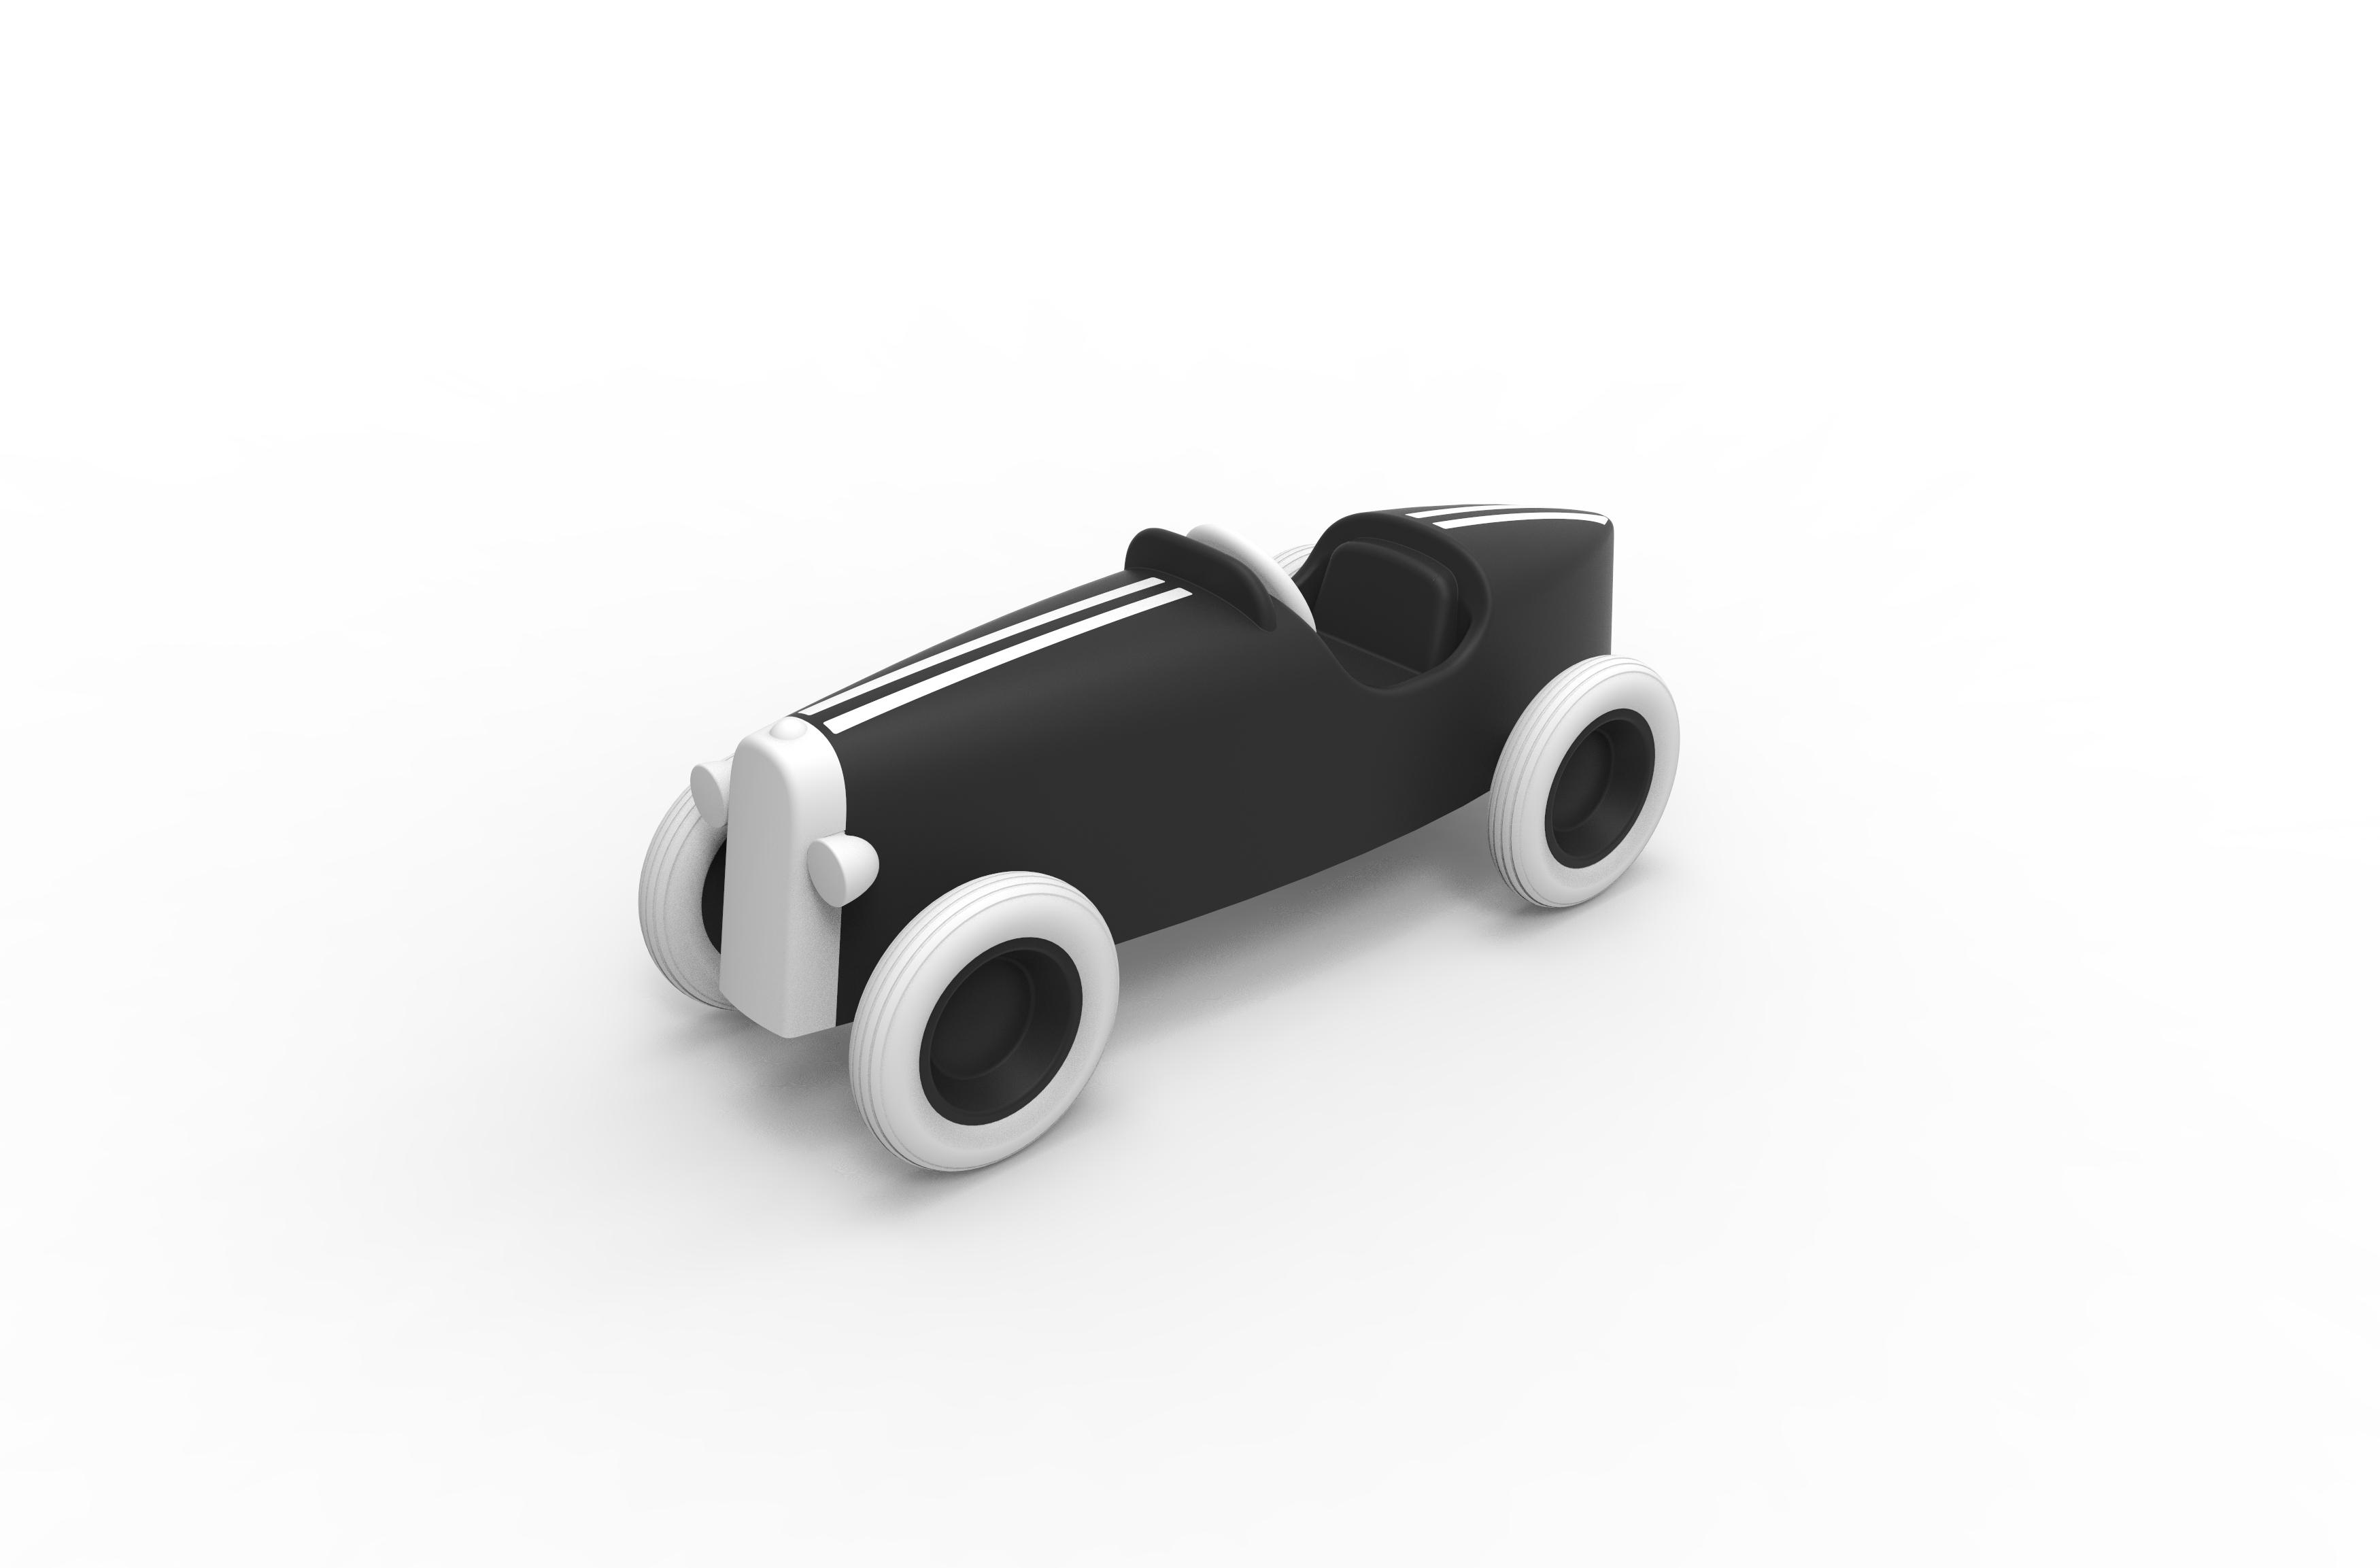 Črn.36